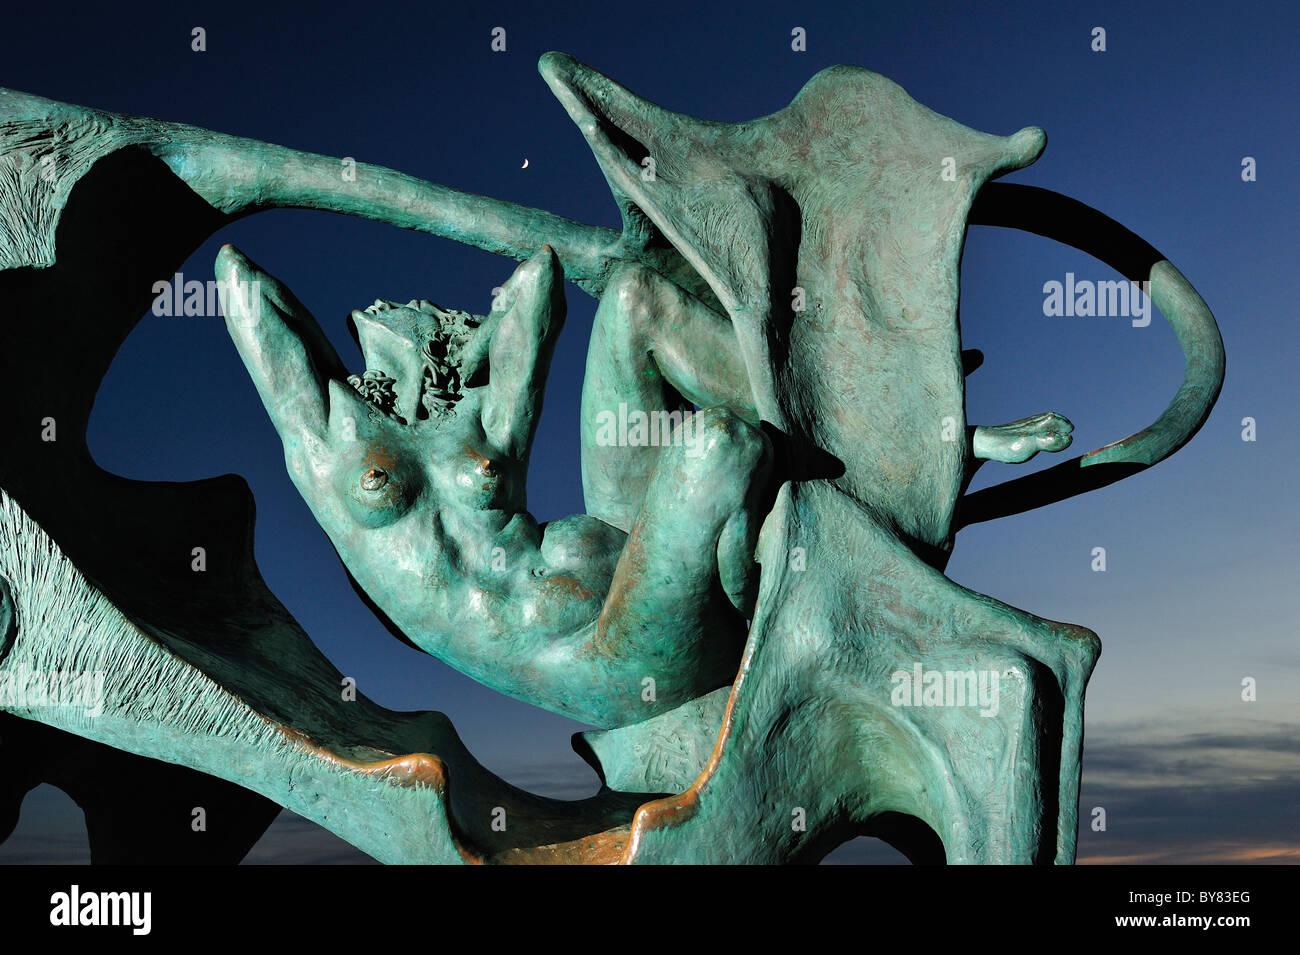 Pasiphae estatua en la playa de Vilanova i la Geltrú. Oscar Estruga. Imagen De Stock